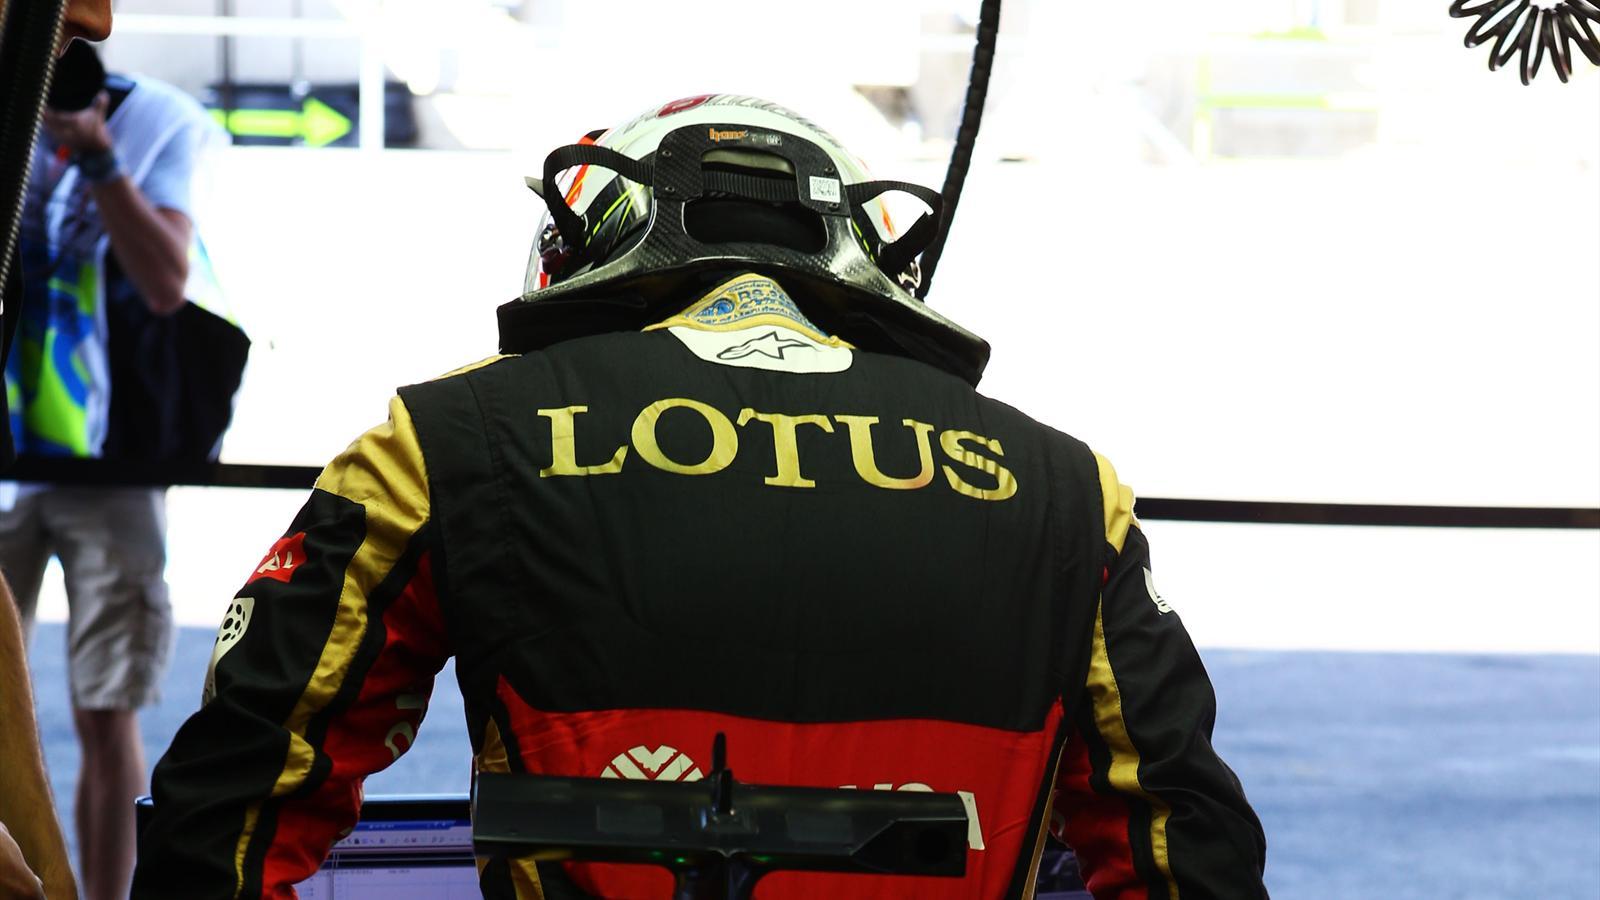 Romain Grosjean (Lotus) au Grand Prix de Belgique 2015